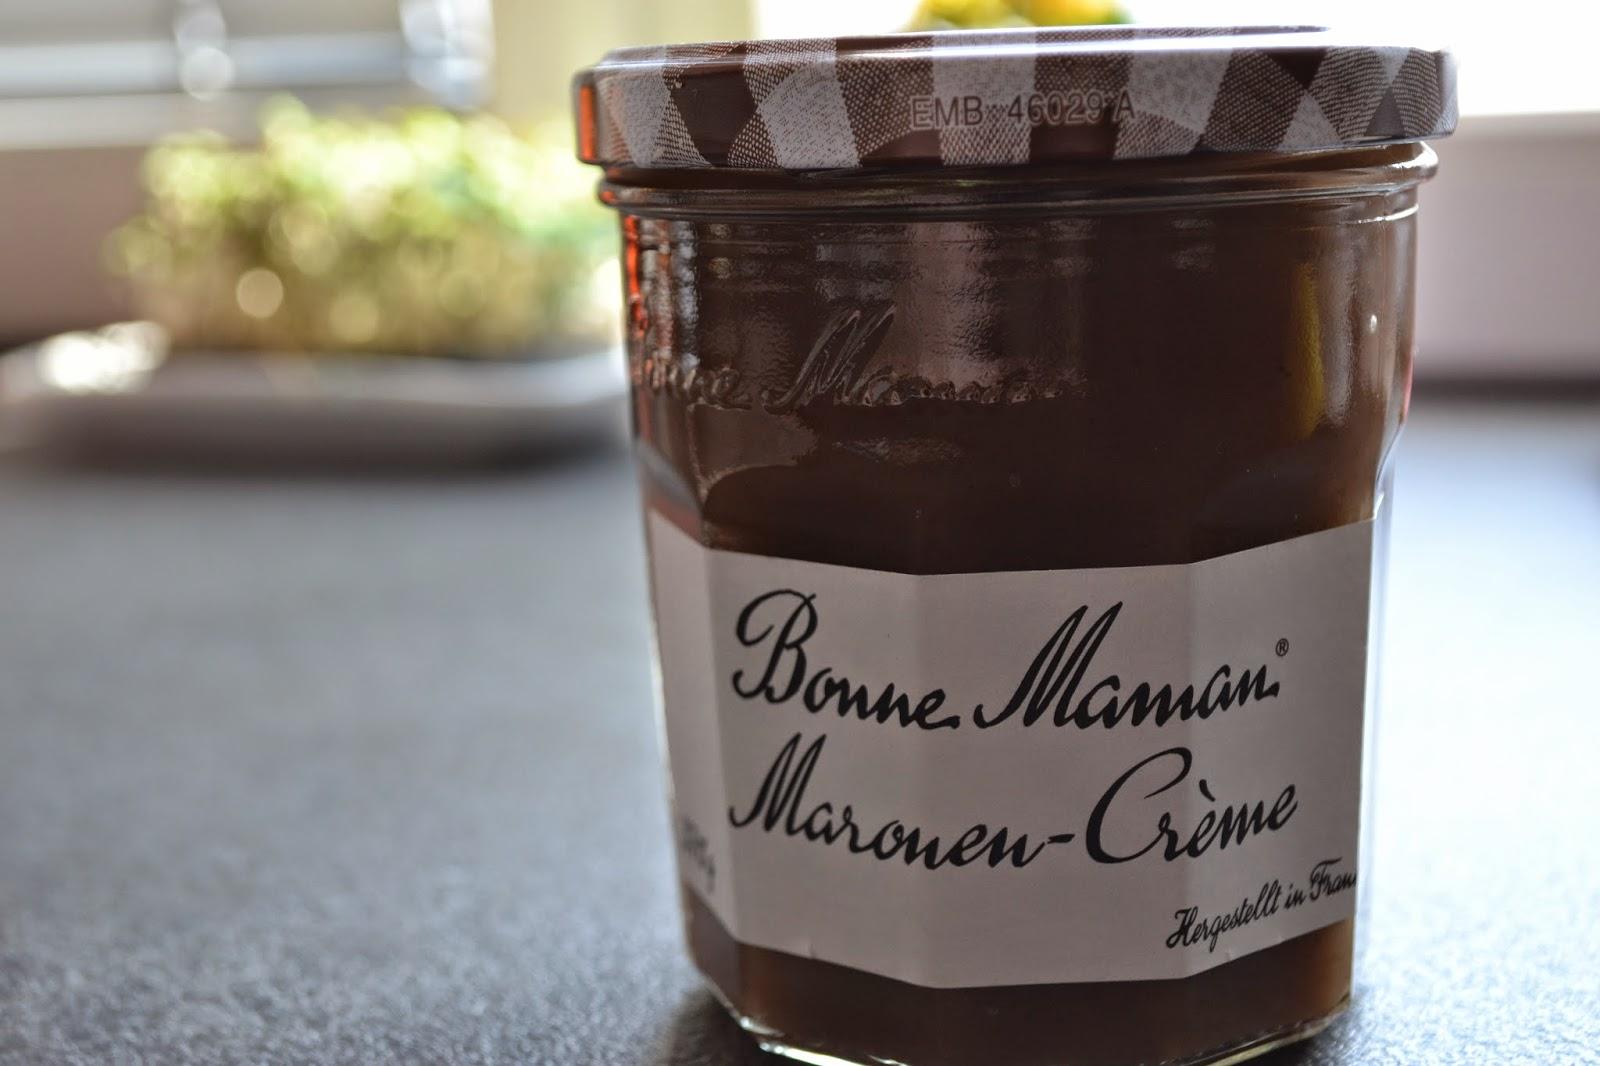 maronen-creme (c) zuckerstaub.at